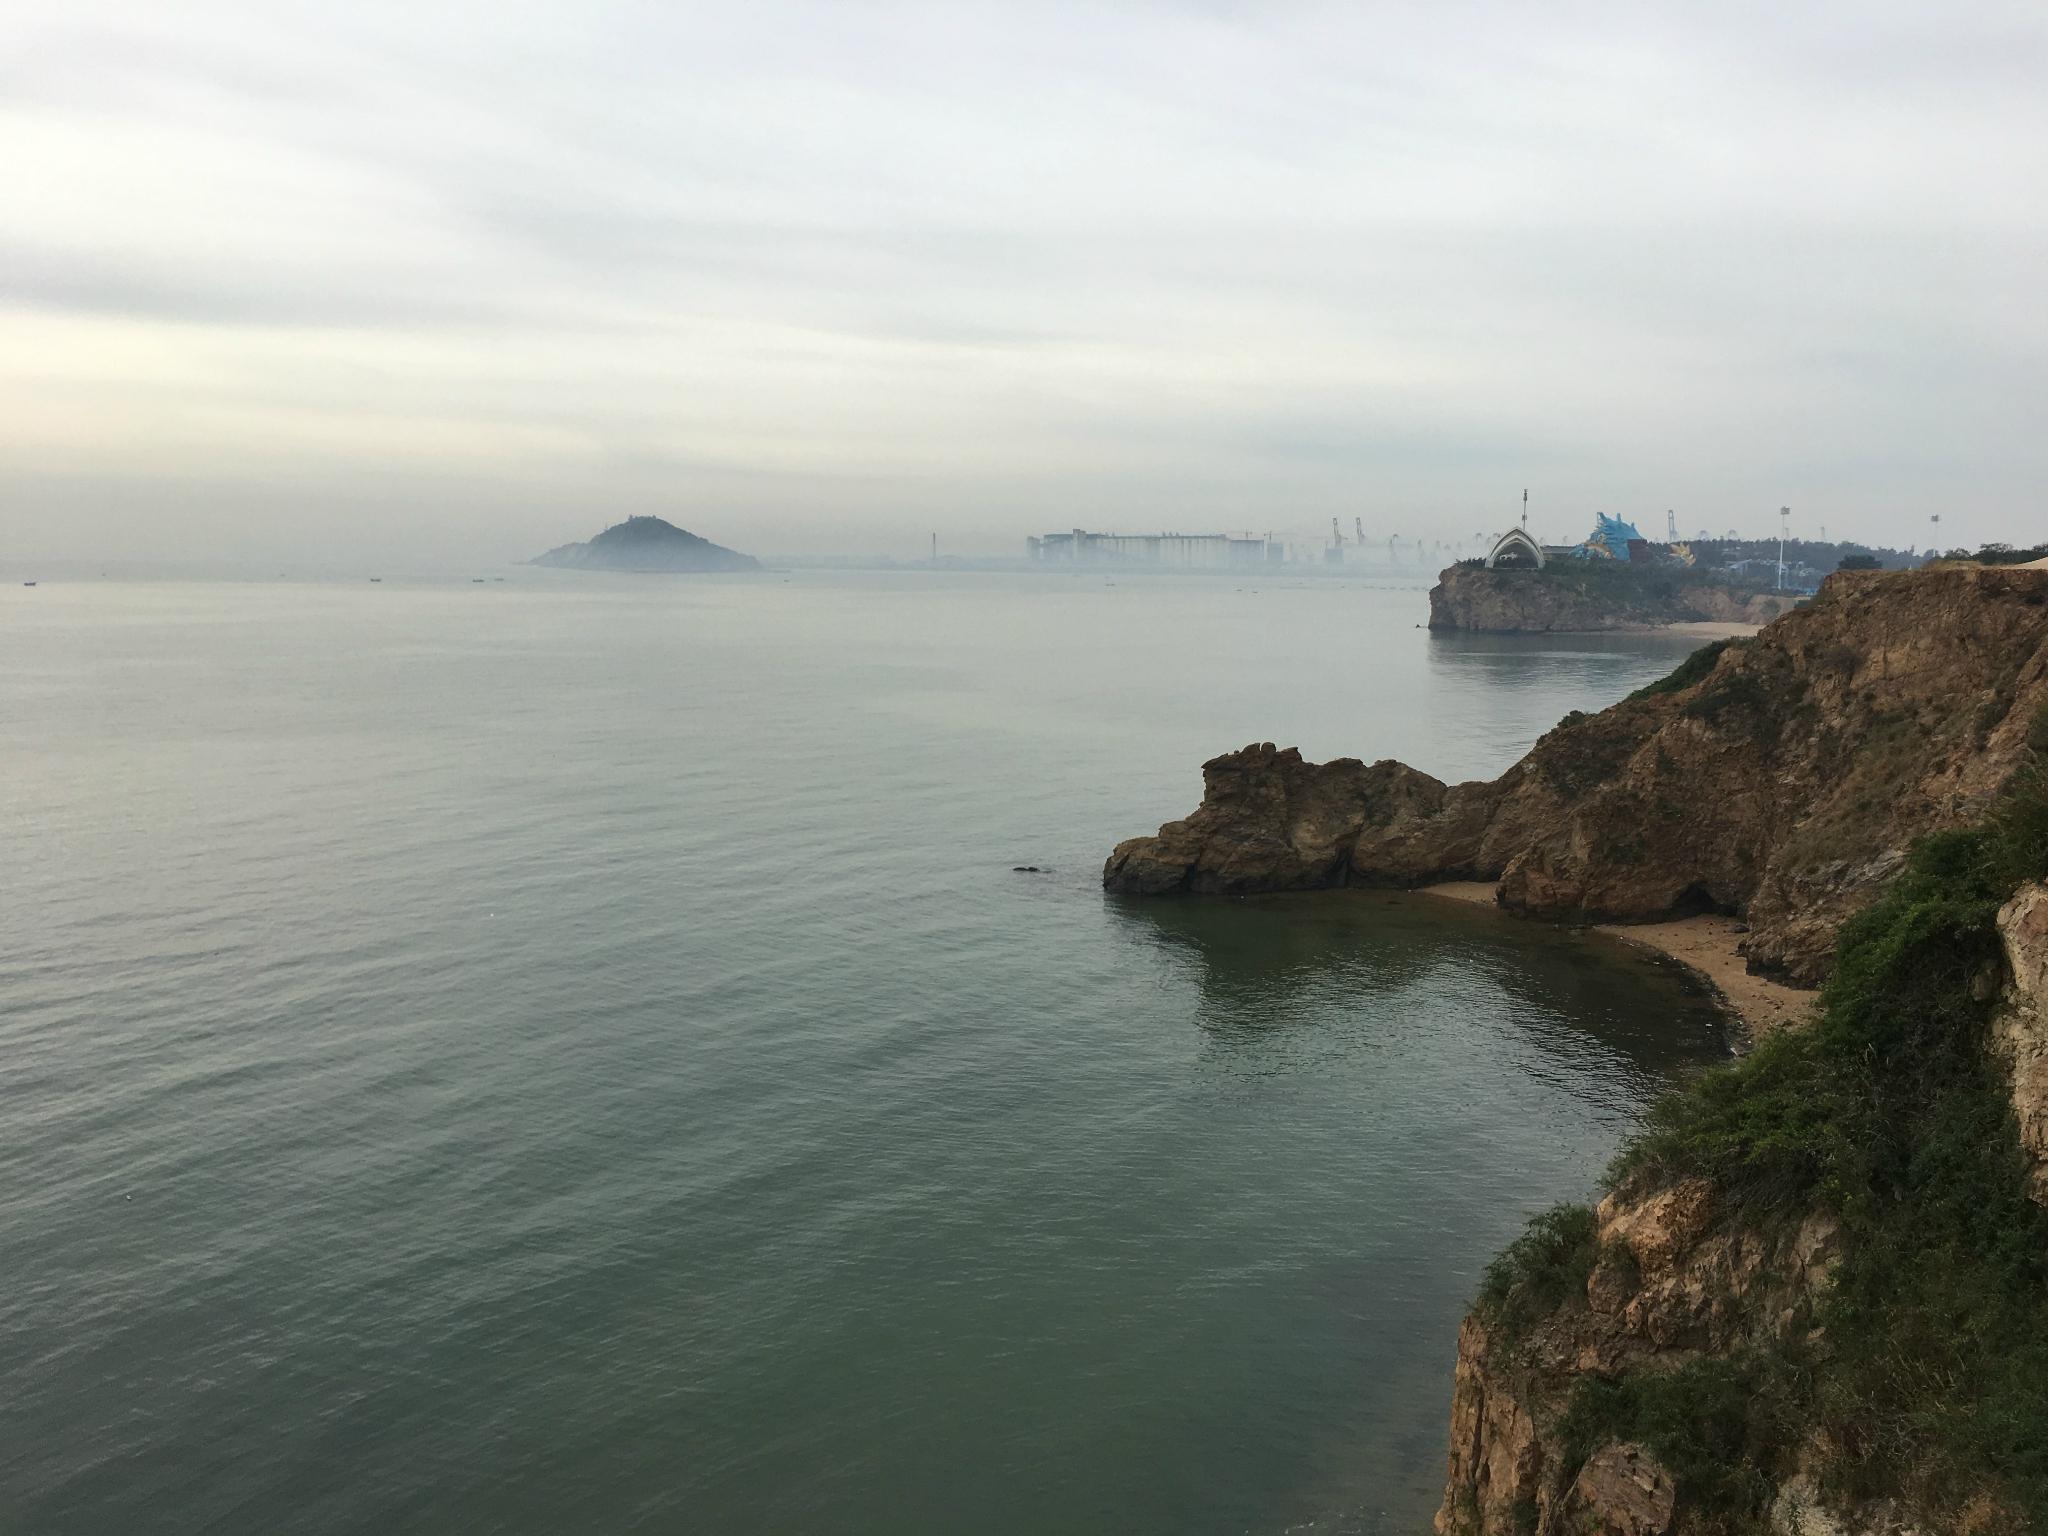 一路向东,初识辽东半岛